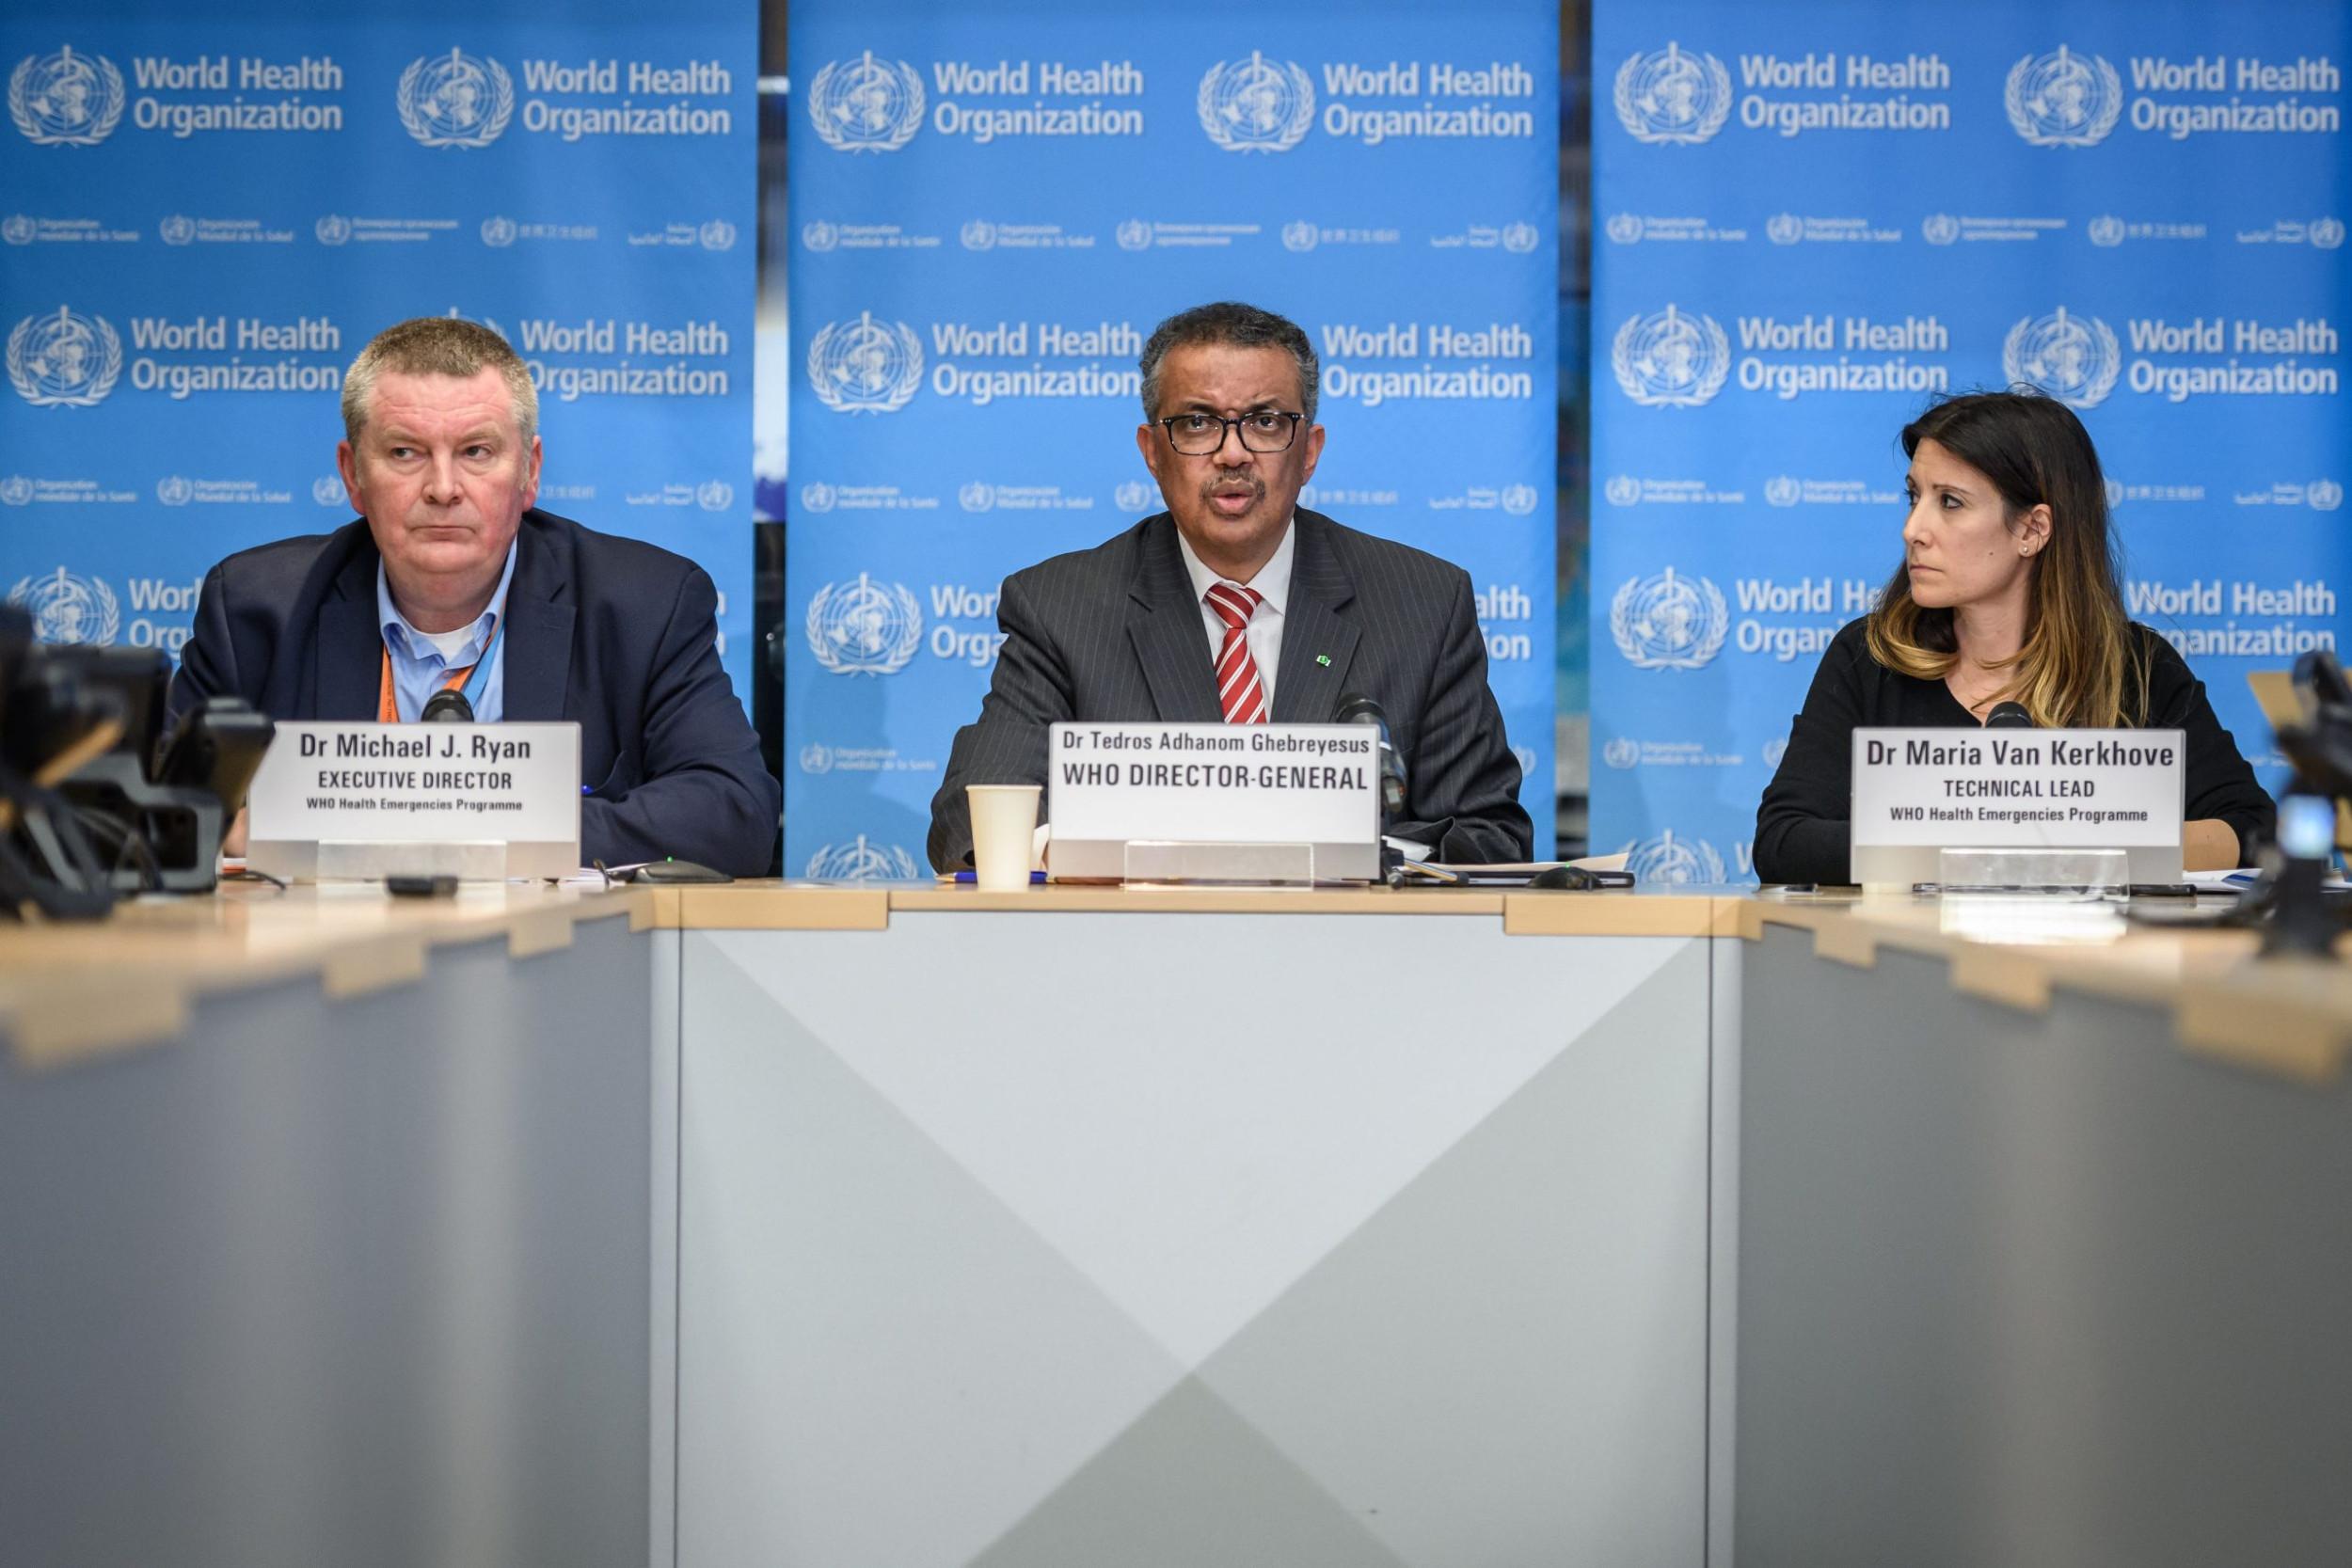 Generalni direktor SZO Tedros Adhanom Gebrejesus sa saradnicima proglašava globalnu pandemiju virusa COVID-19 na konferenciji za medije u sedištu SZO, Ženeva, 11. mart 2020. (Foto: FABRICE COFFRINI/AFP/Getty Images)